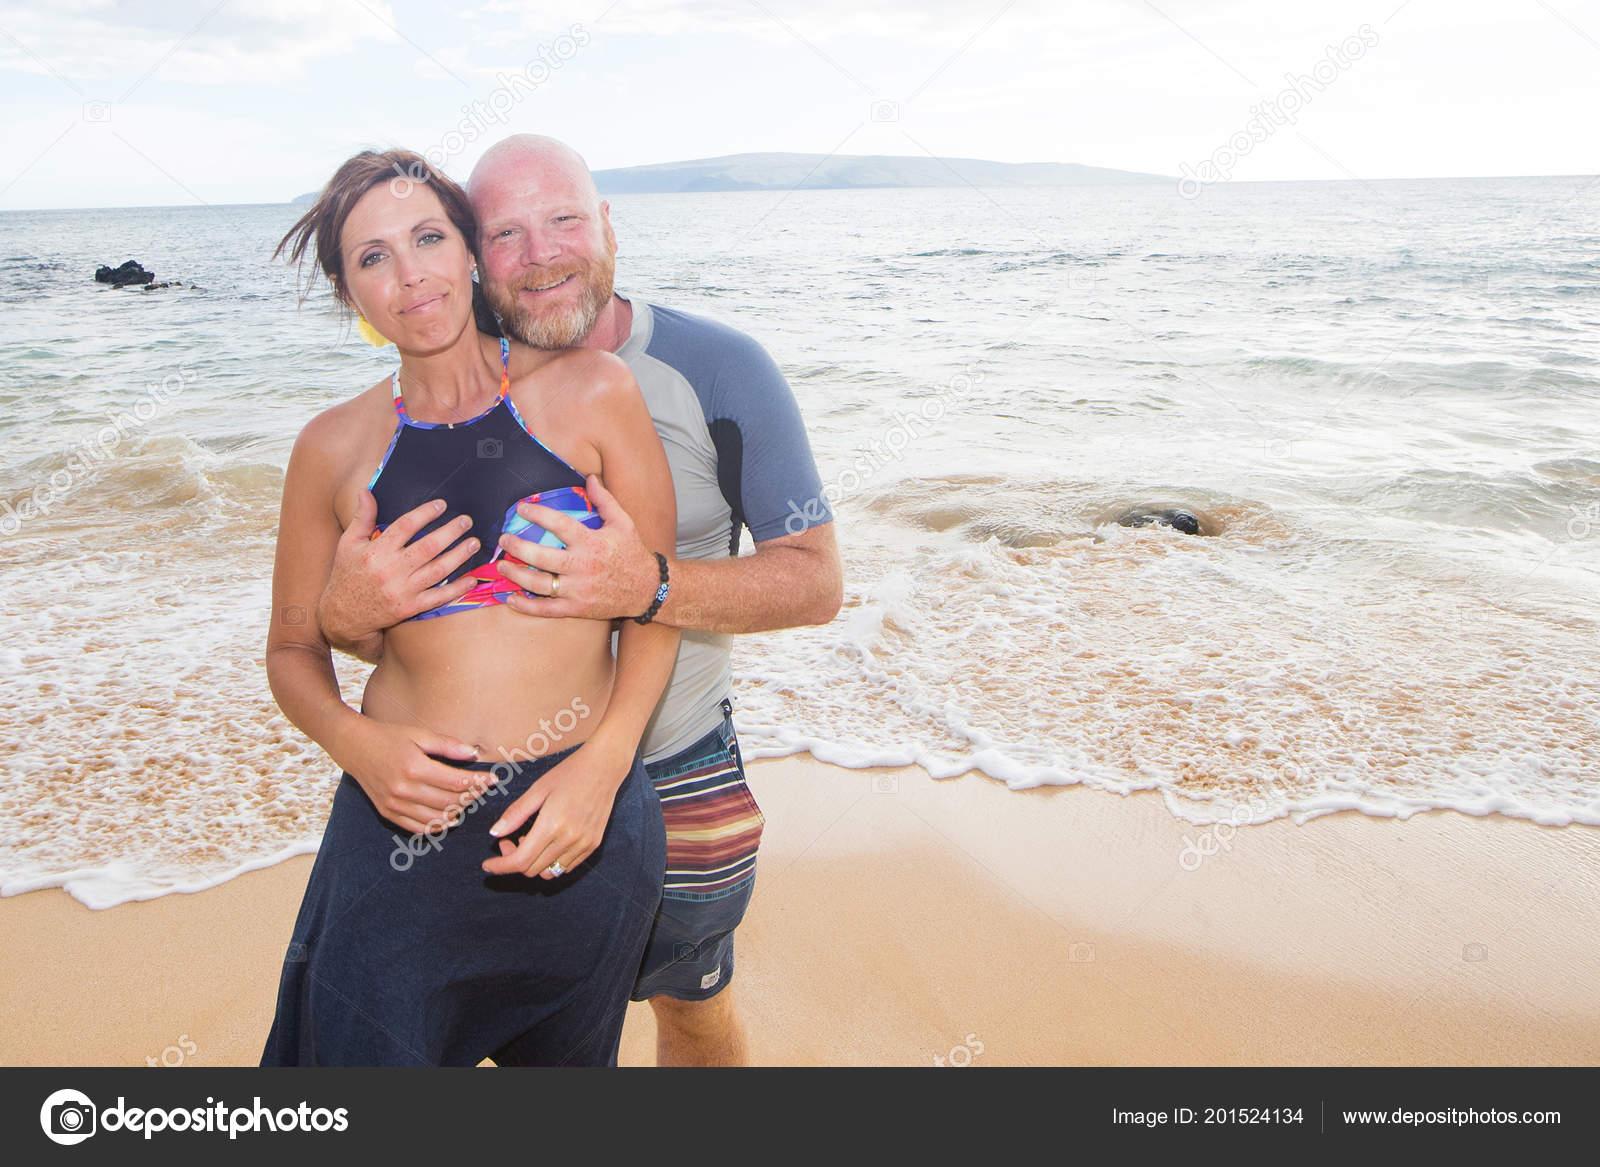 Boobs At The Beach